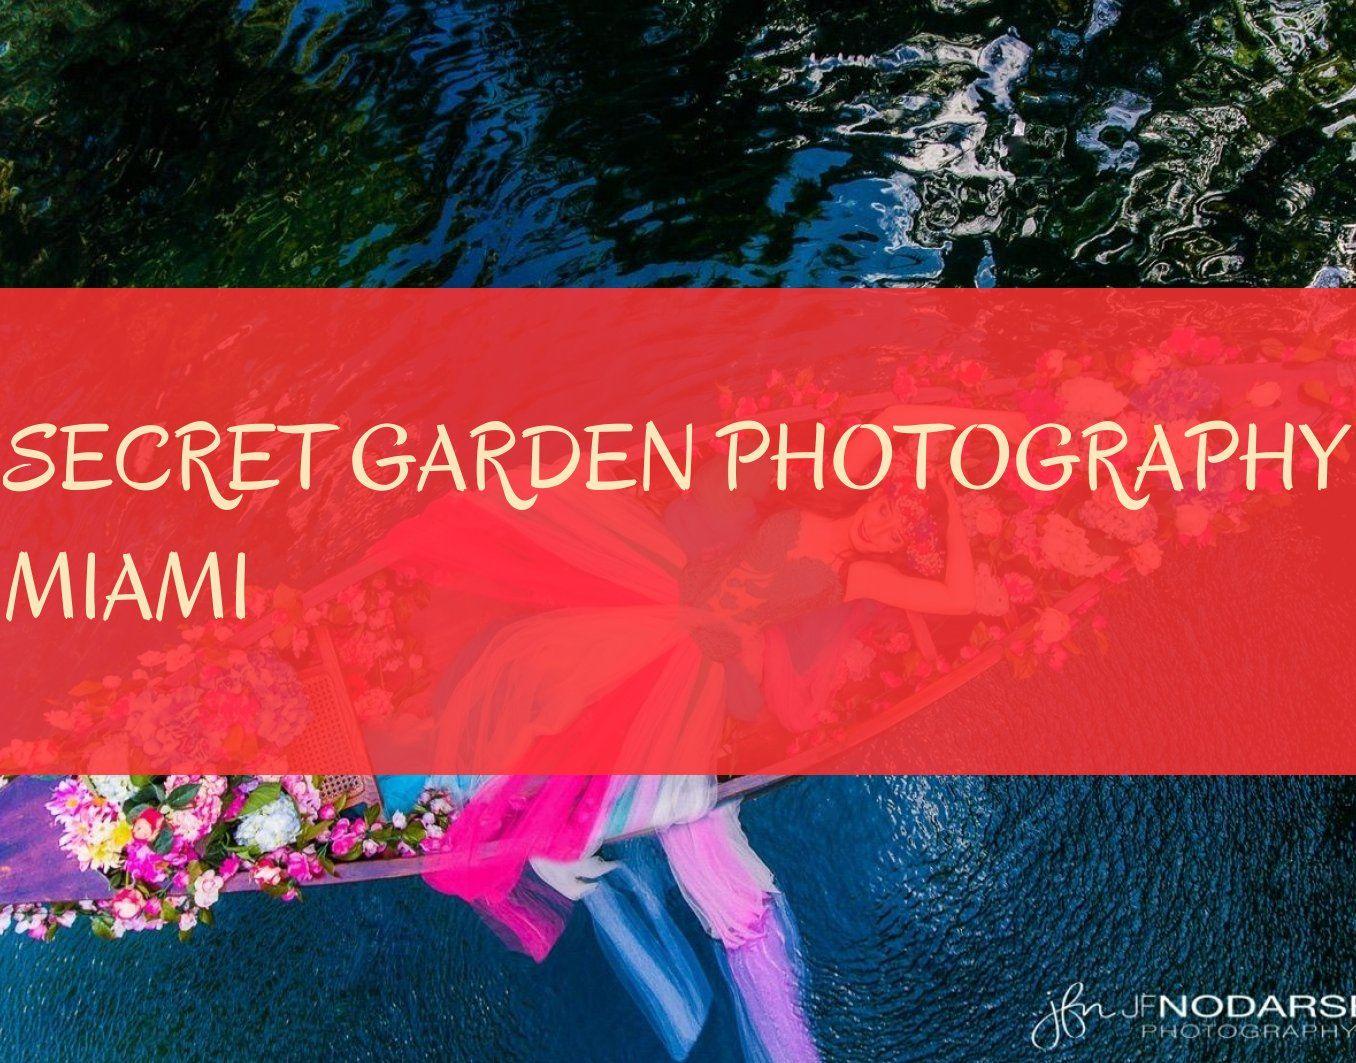 secret garden photography miami